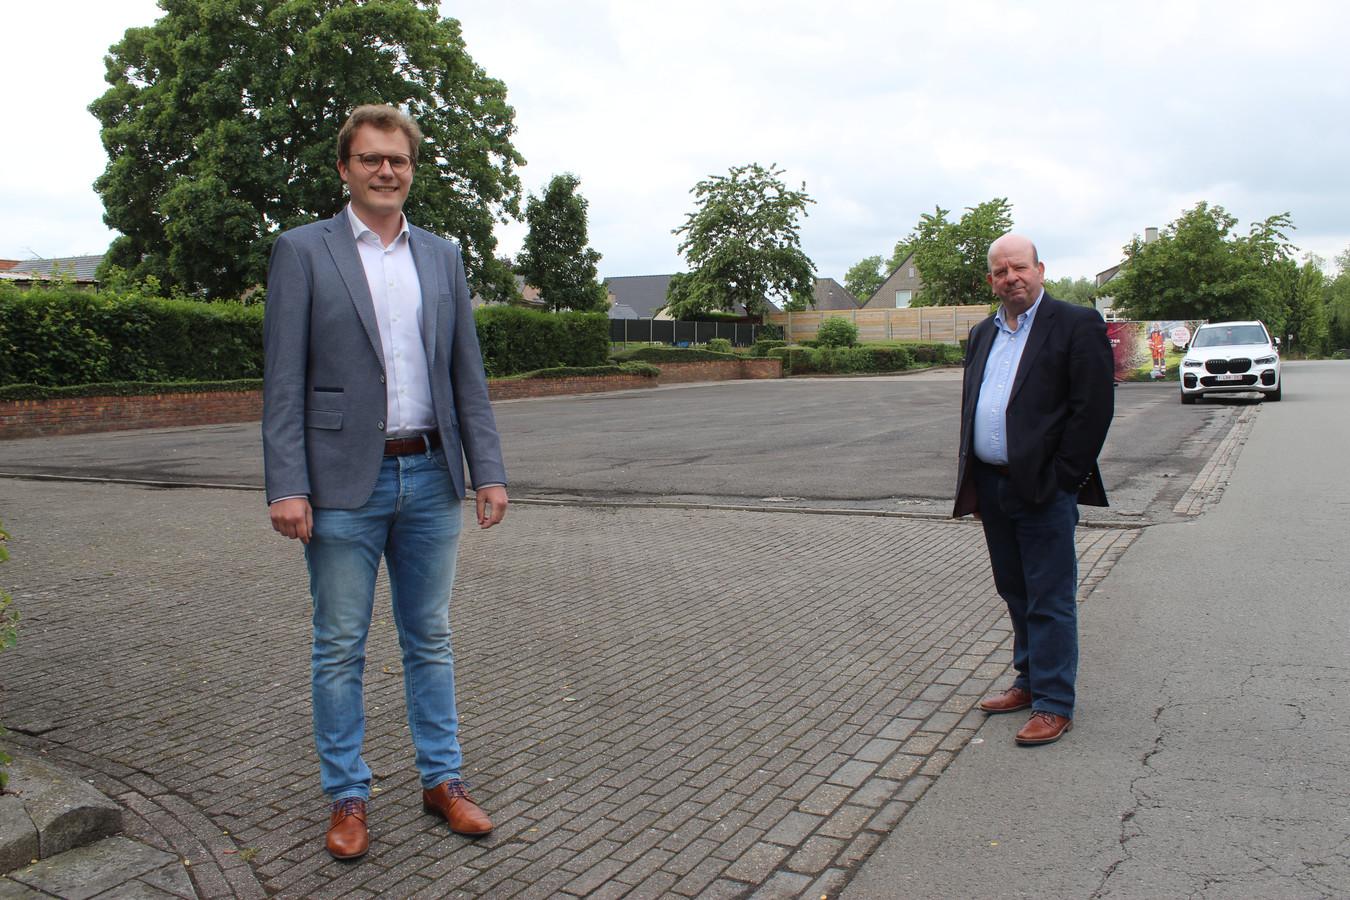 Schepen Mathias Van de Walle en schepen Dirk De Smul op het grijze plein dat een park wordt.